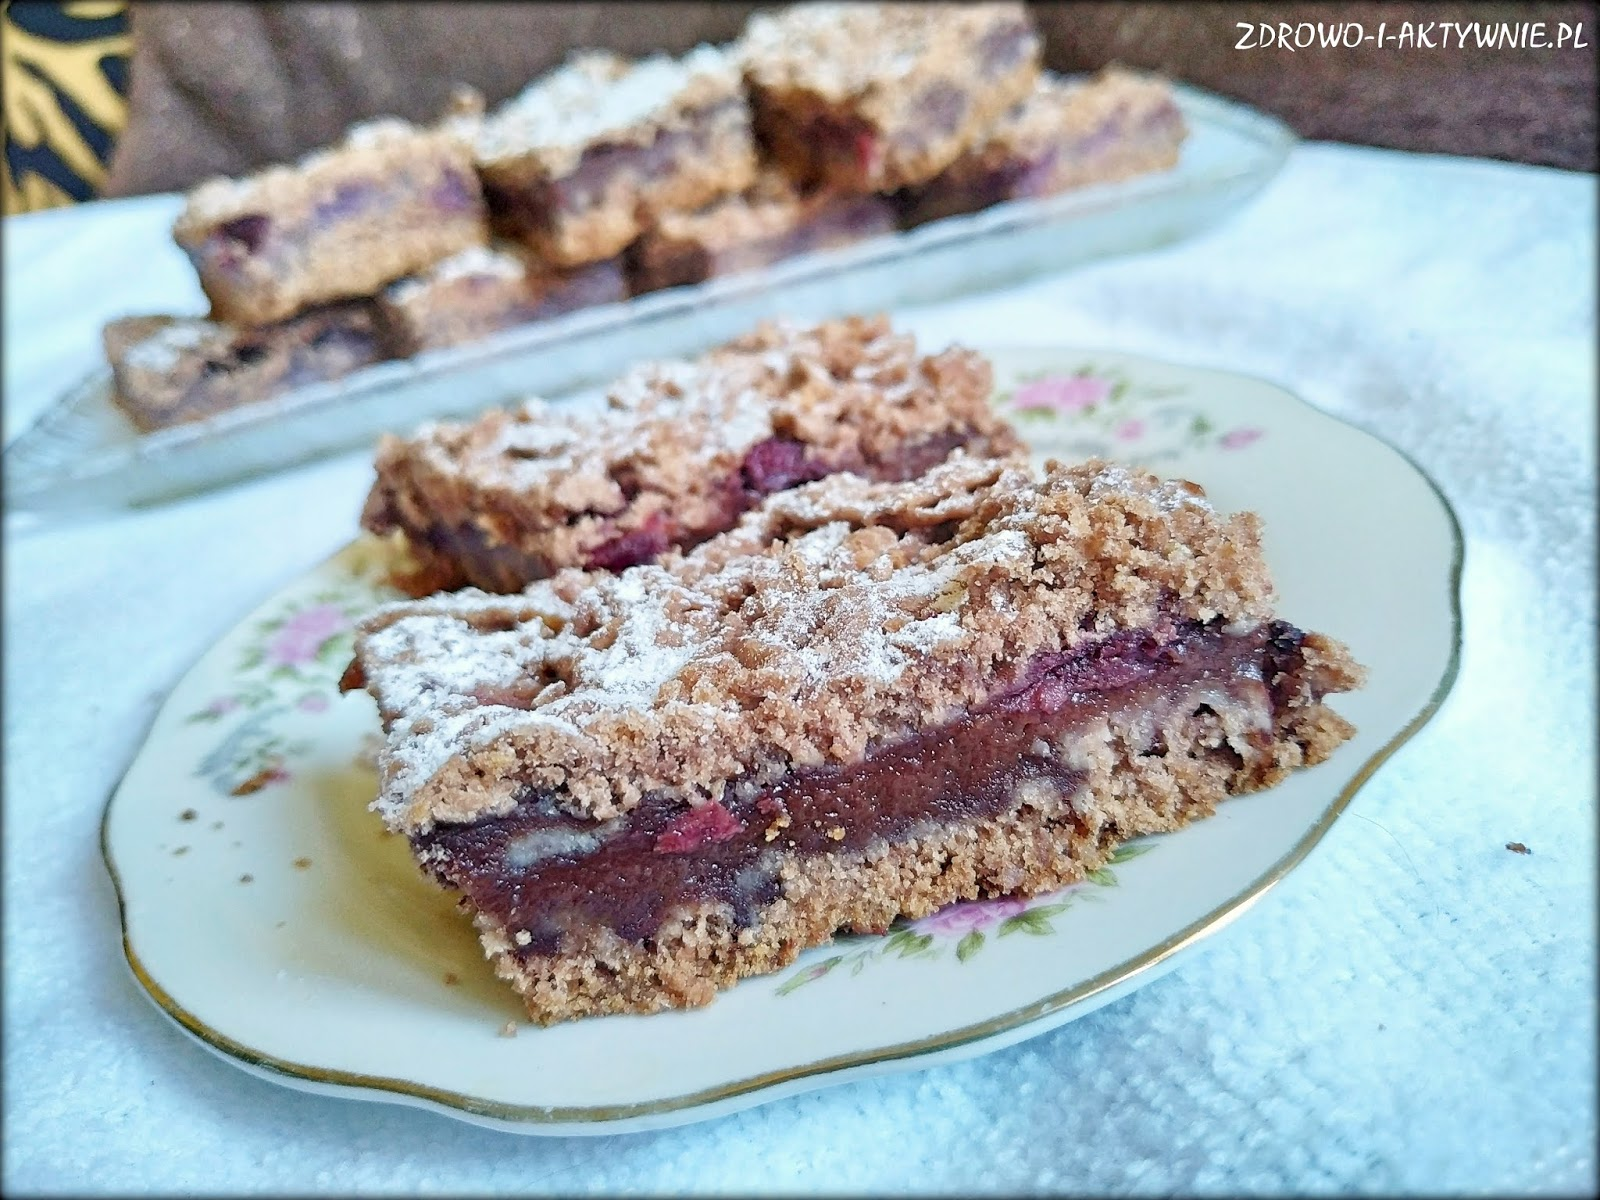 Kruche czekoladowe ciasto z wiśnią